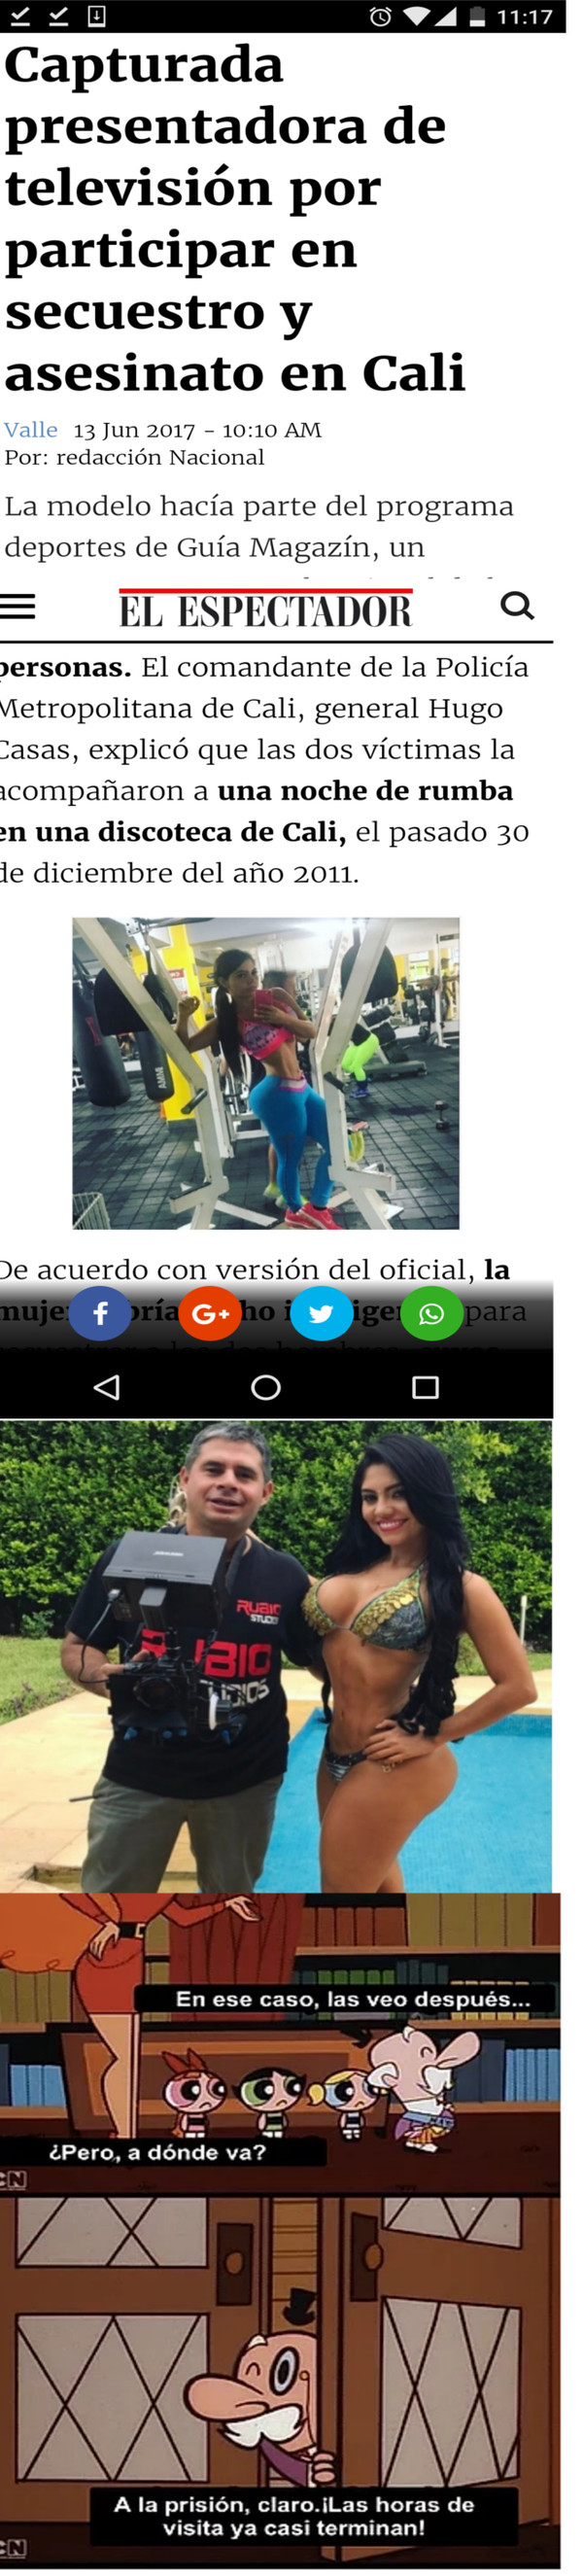 Why_not - Lío con esta presentadora colombiana